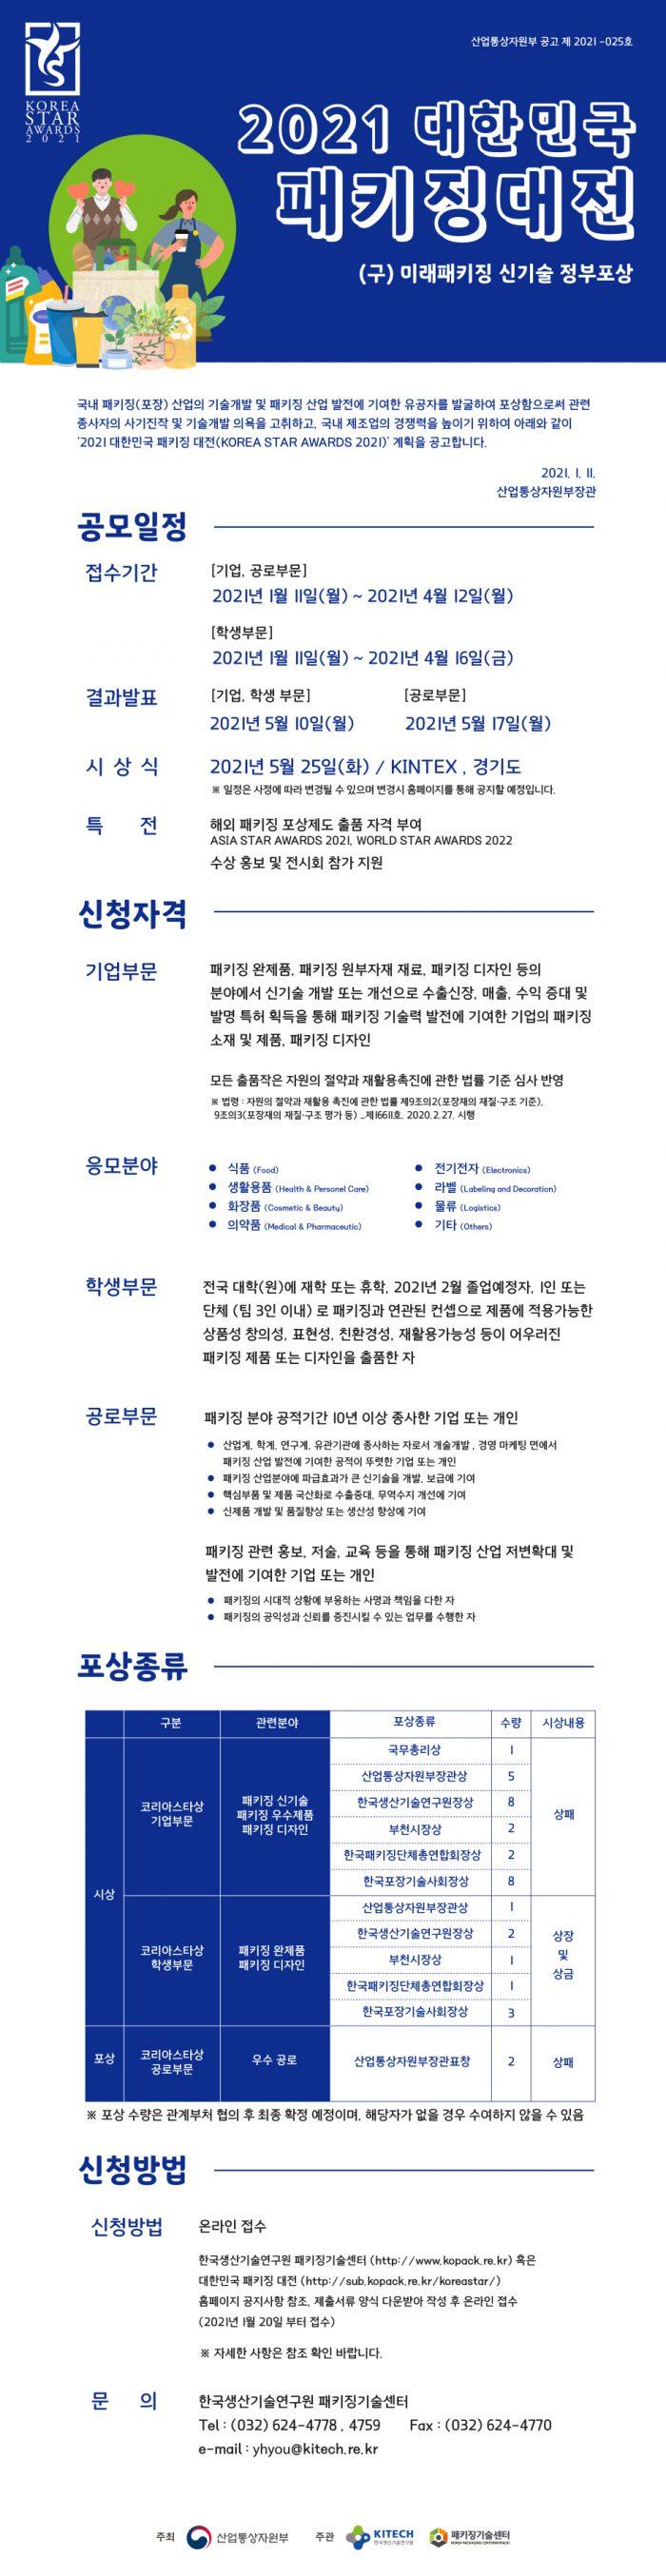 2021 패키징 대전 EDM